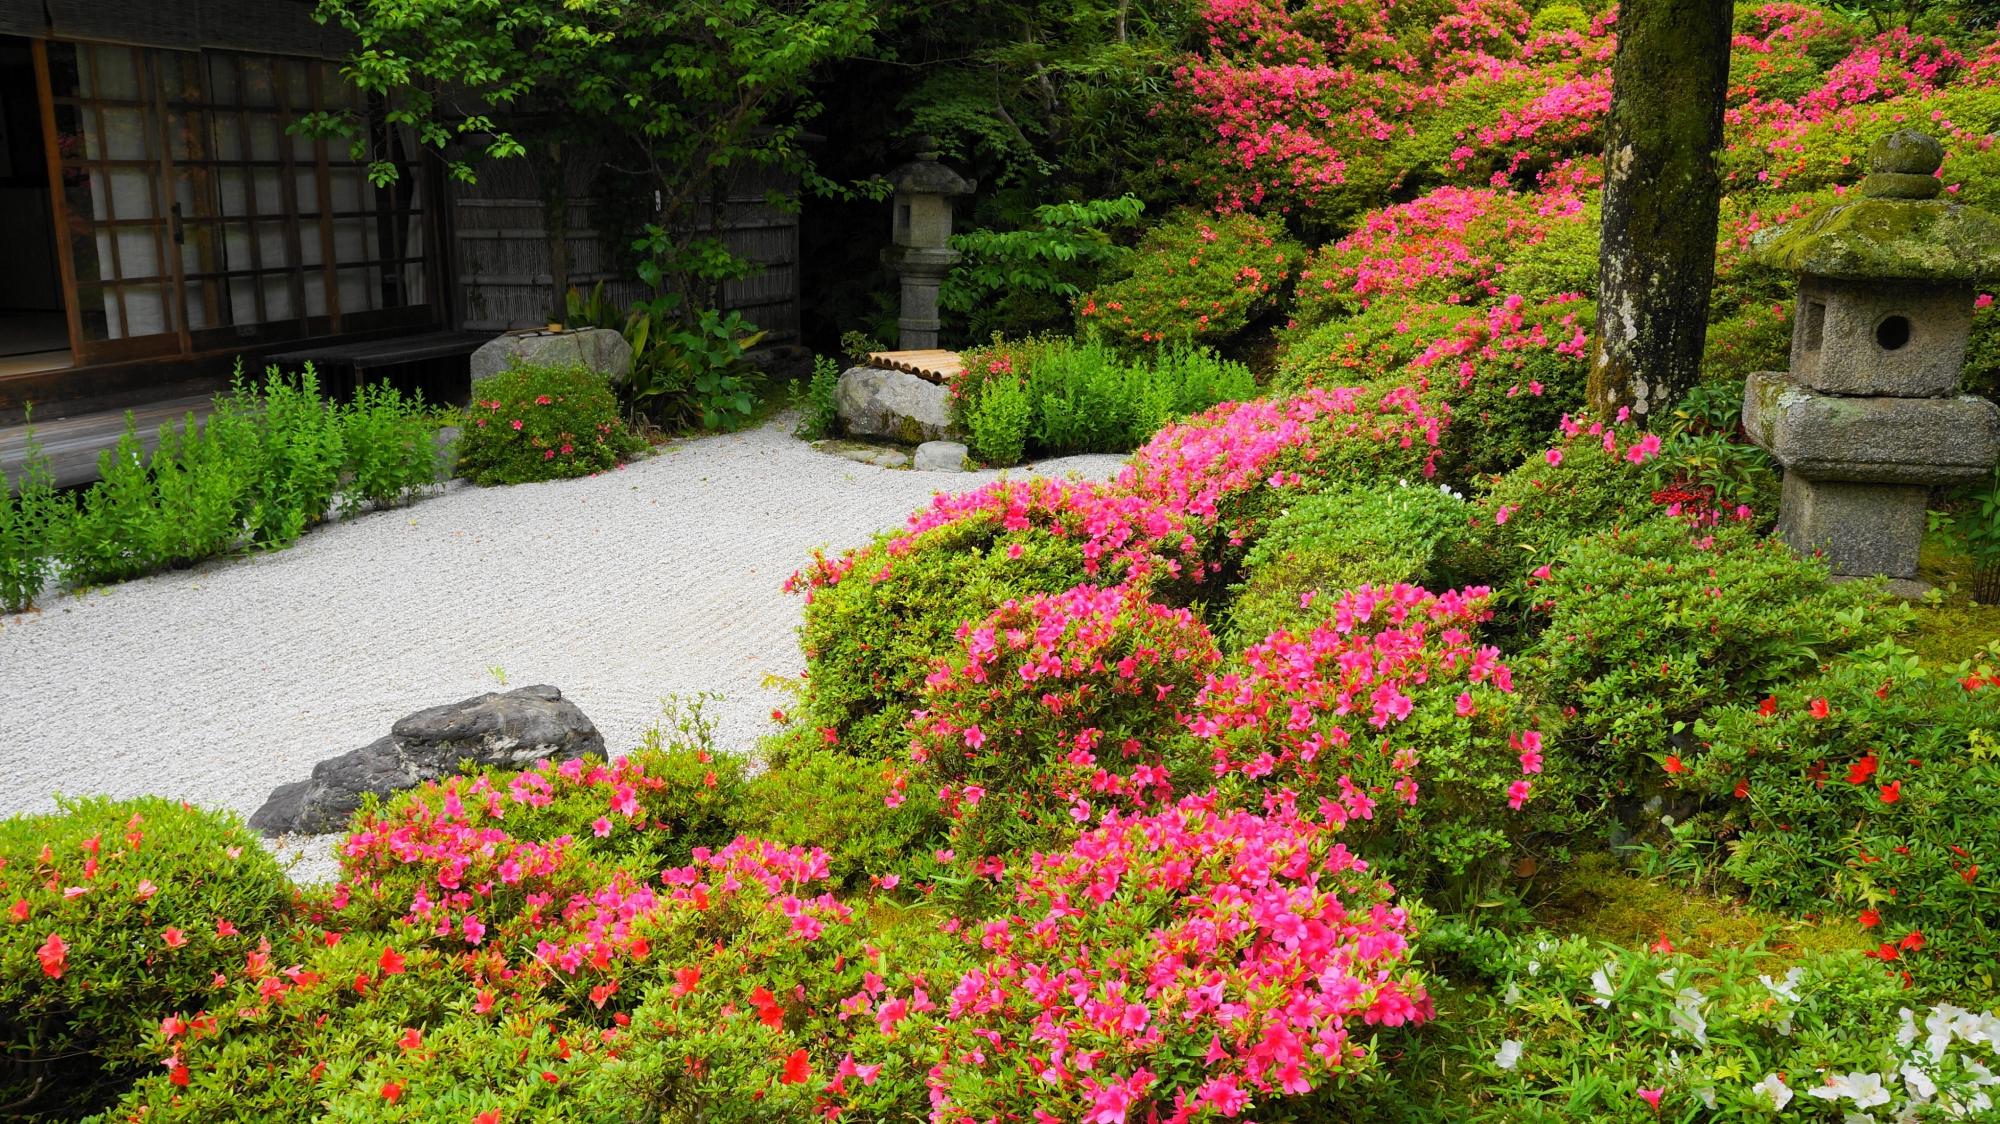 金福寺の長閑な境内をつつむサツキや新緑の鮮やかな春色